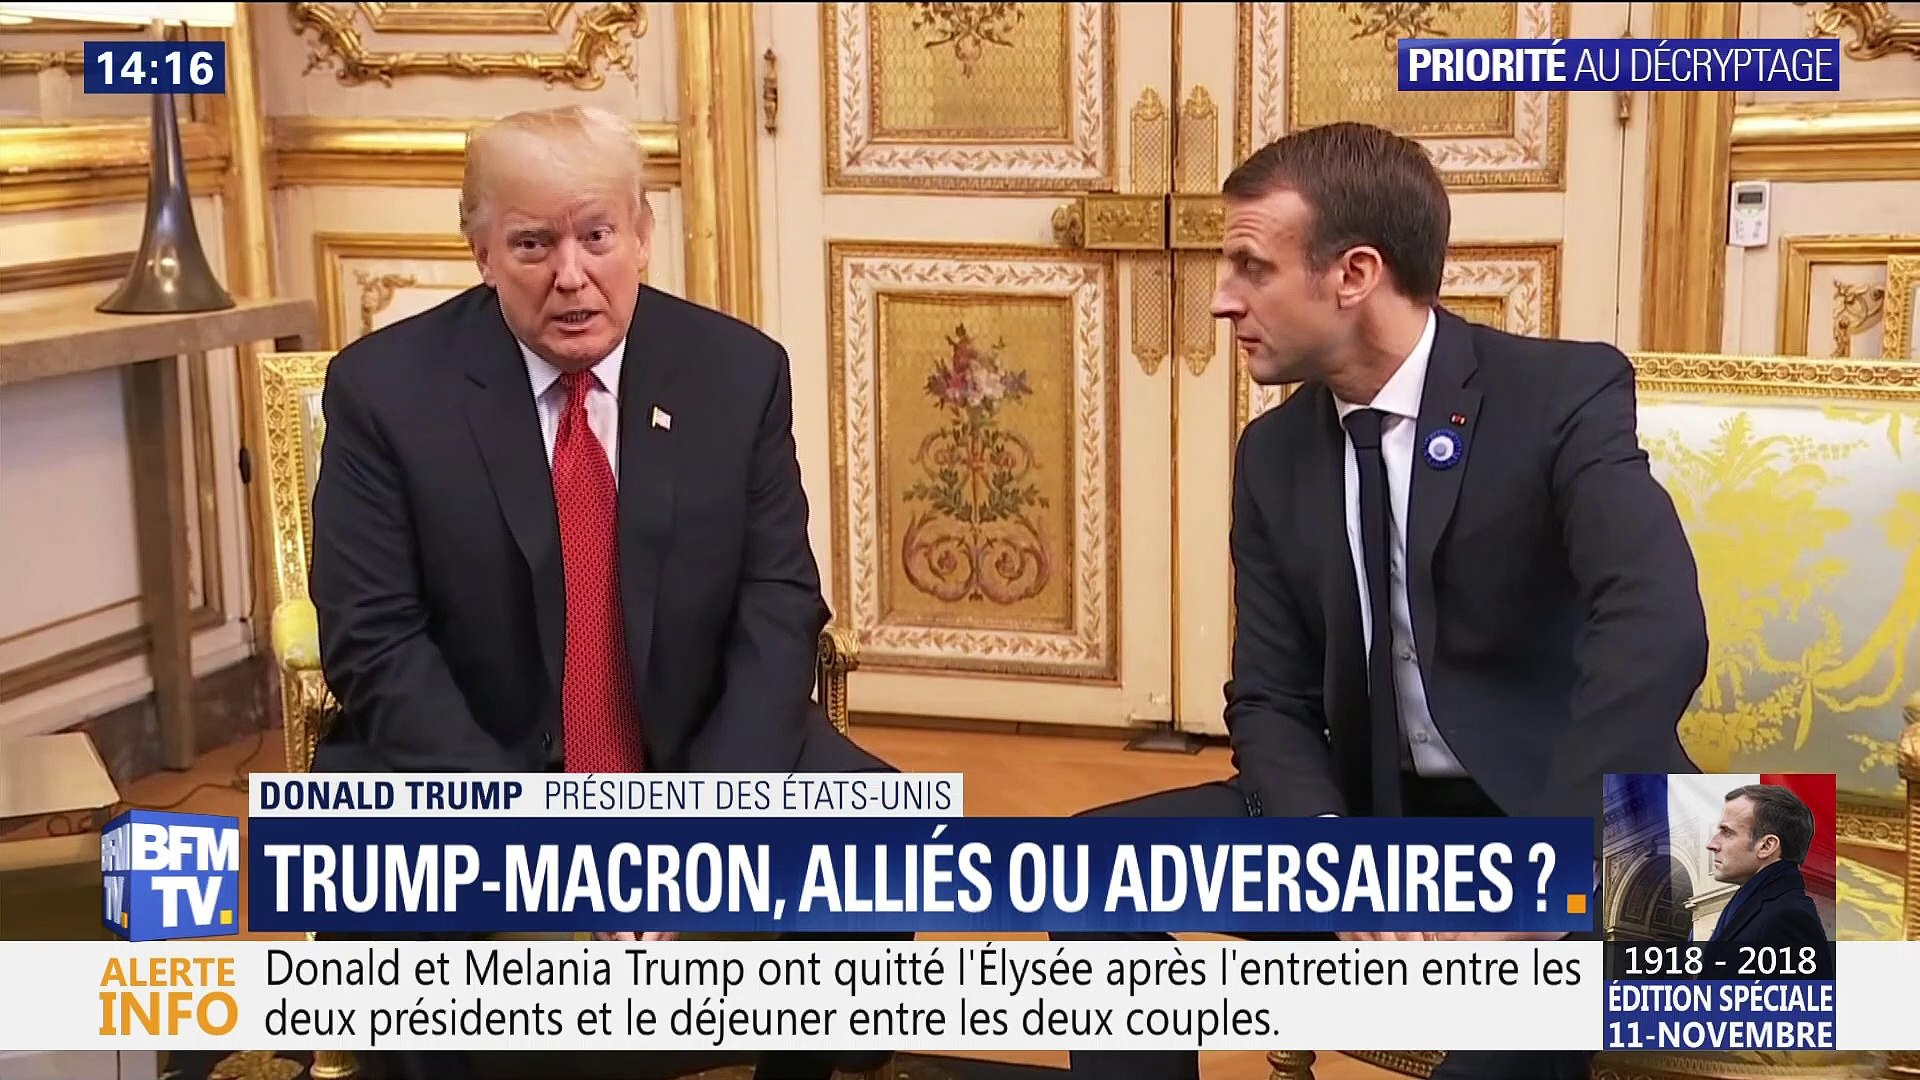 Trump-Macron: Alliés ou adversaires ?